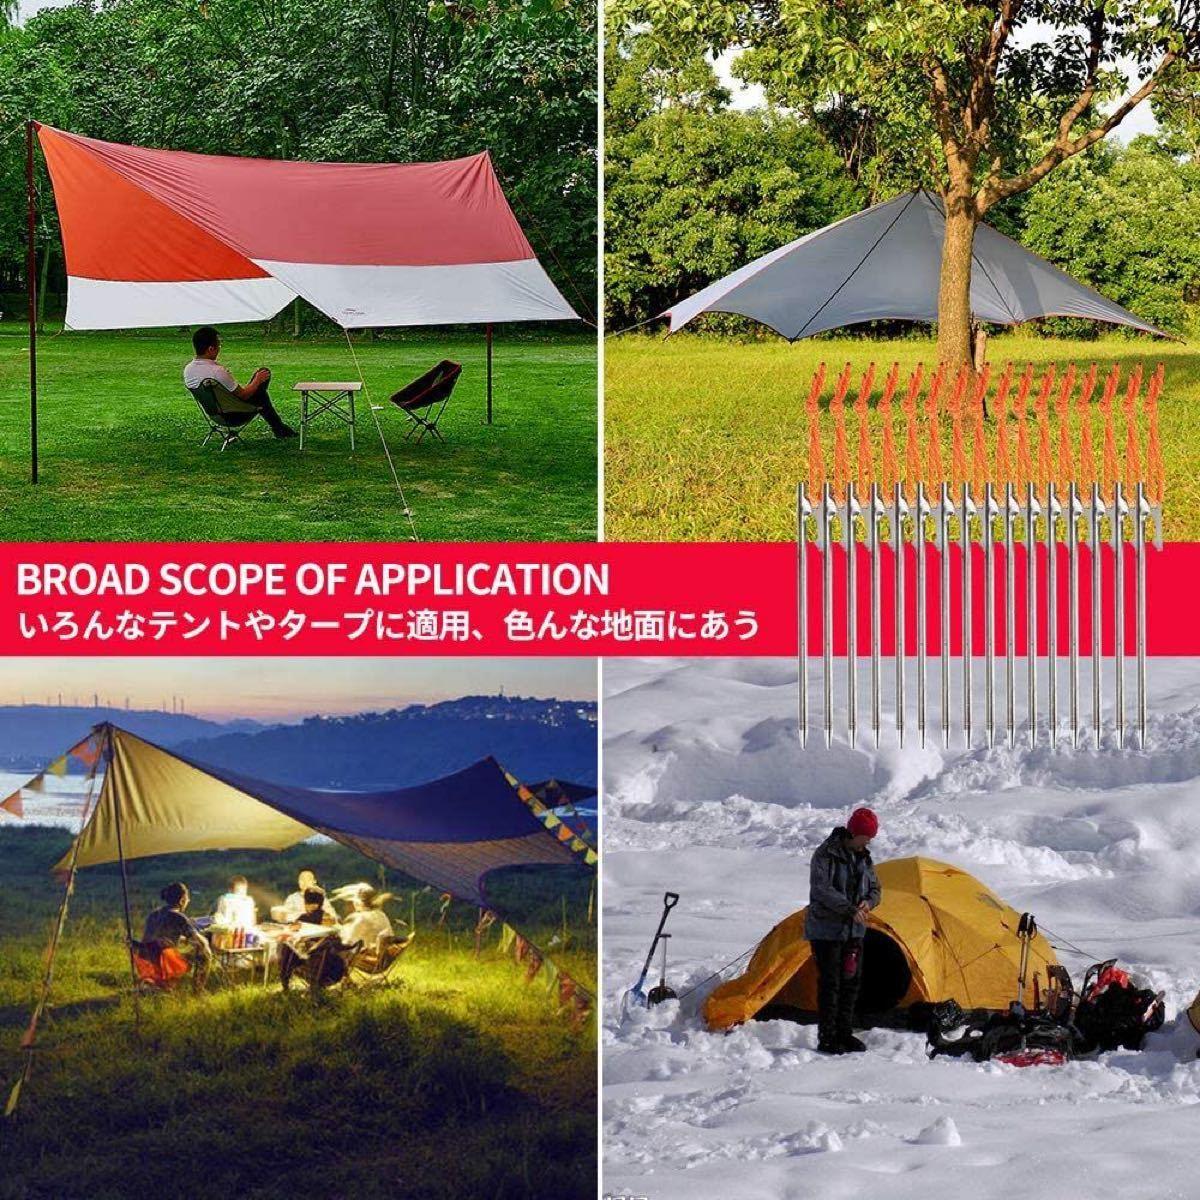 チタンペグ 20cm 5本 テント タープ 設営 キャンプ アウトドア 超軽量 登山 ソロキャンプ